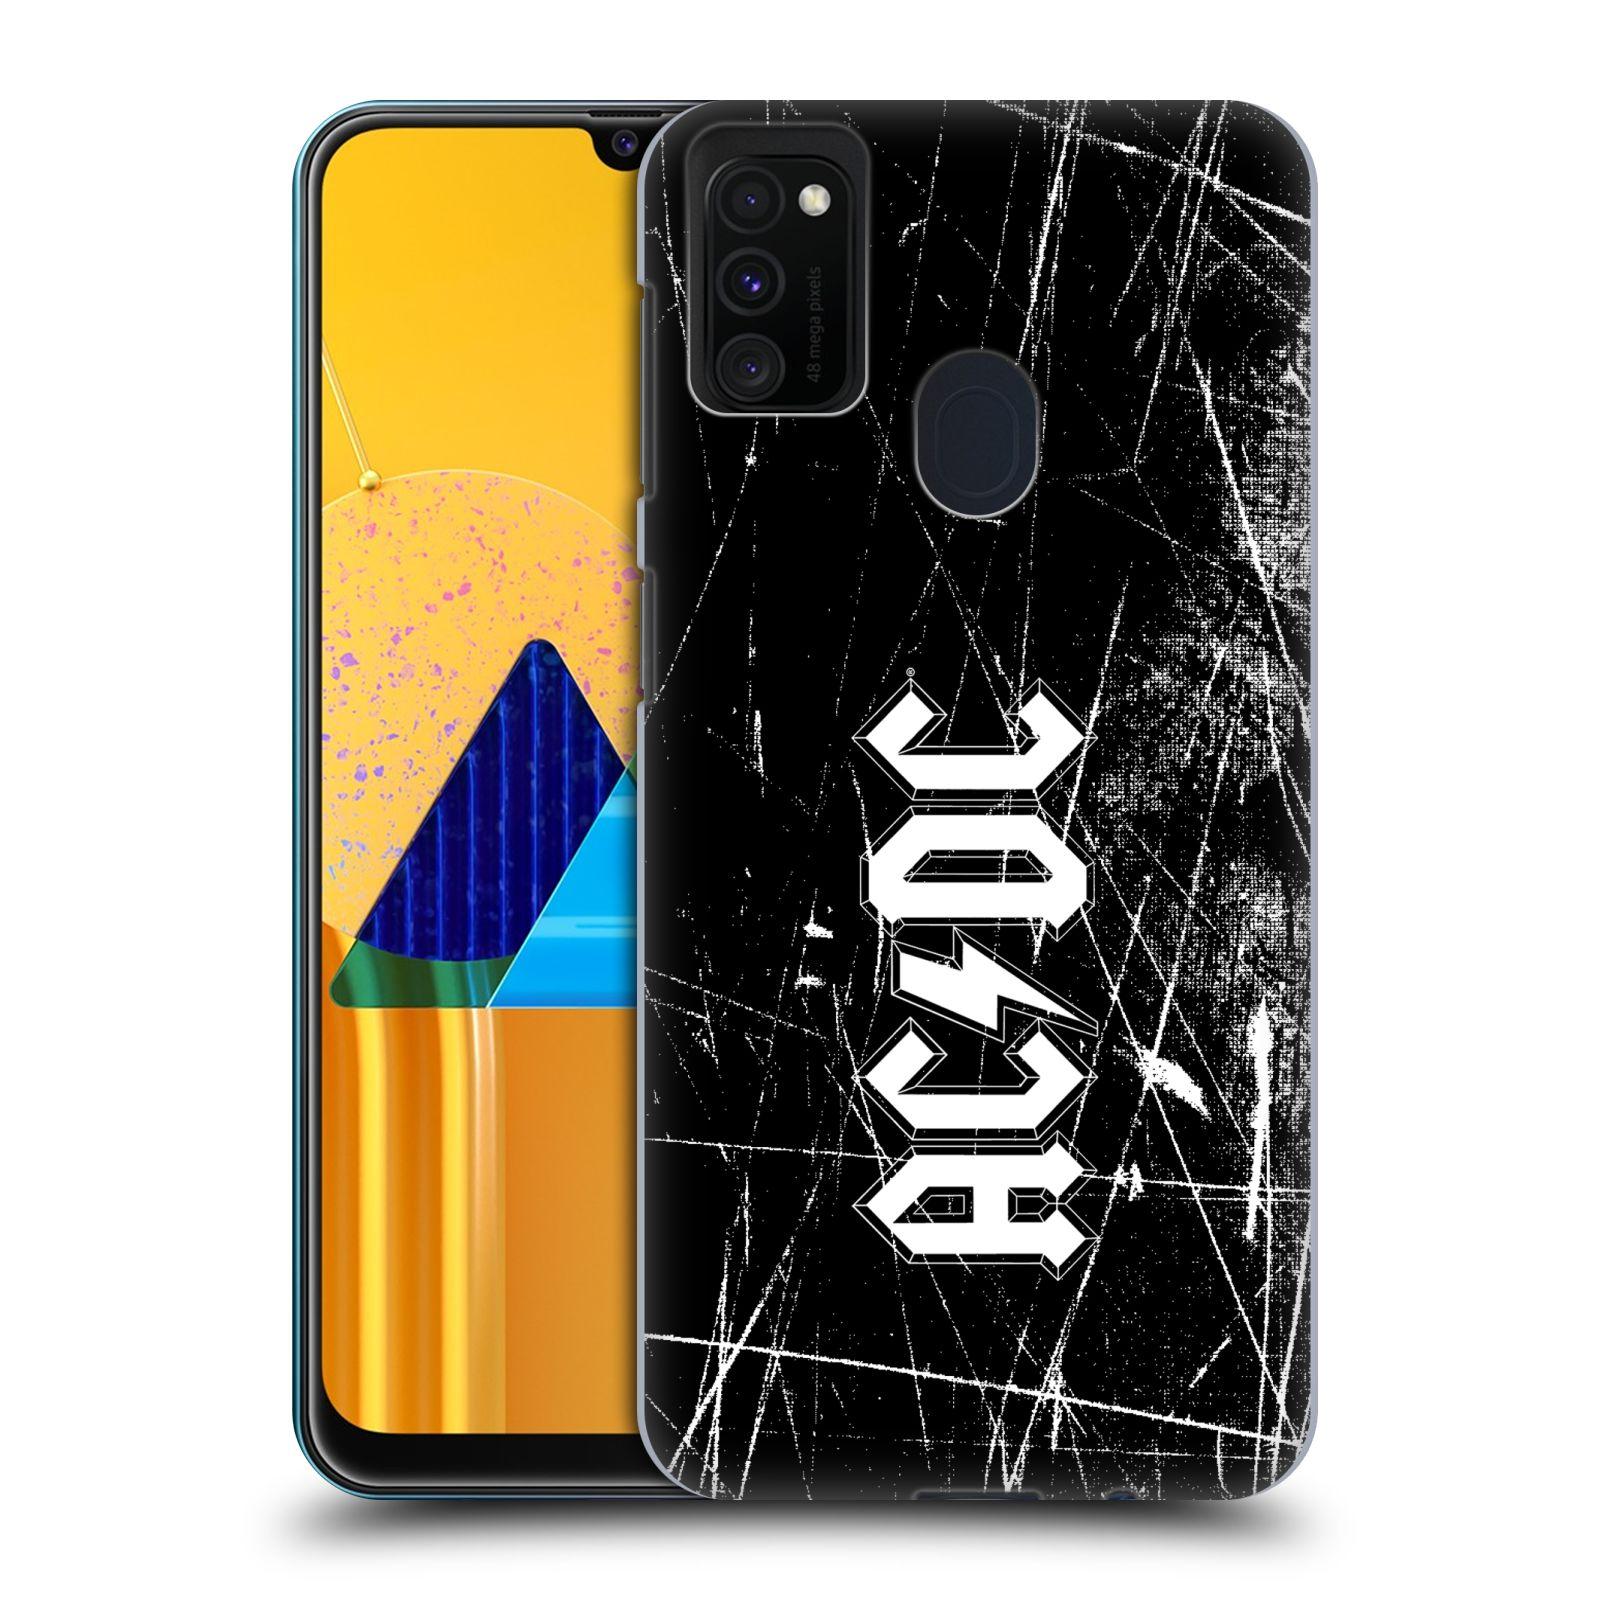 Plastové pouzdro na mobil Samsung Galaxy M21 - Head Case - AC/DC Černobílé logo